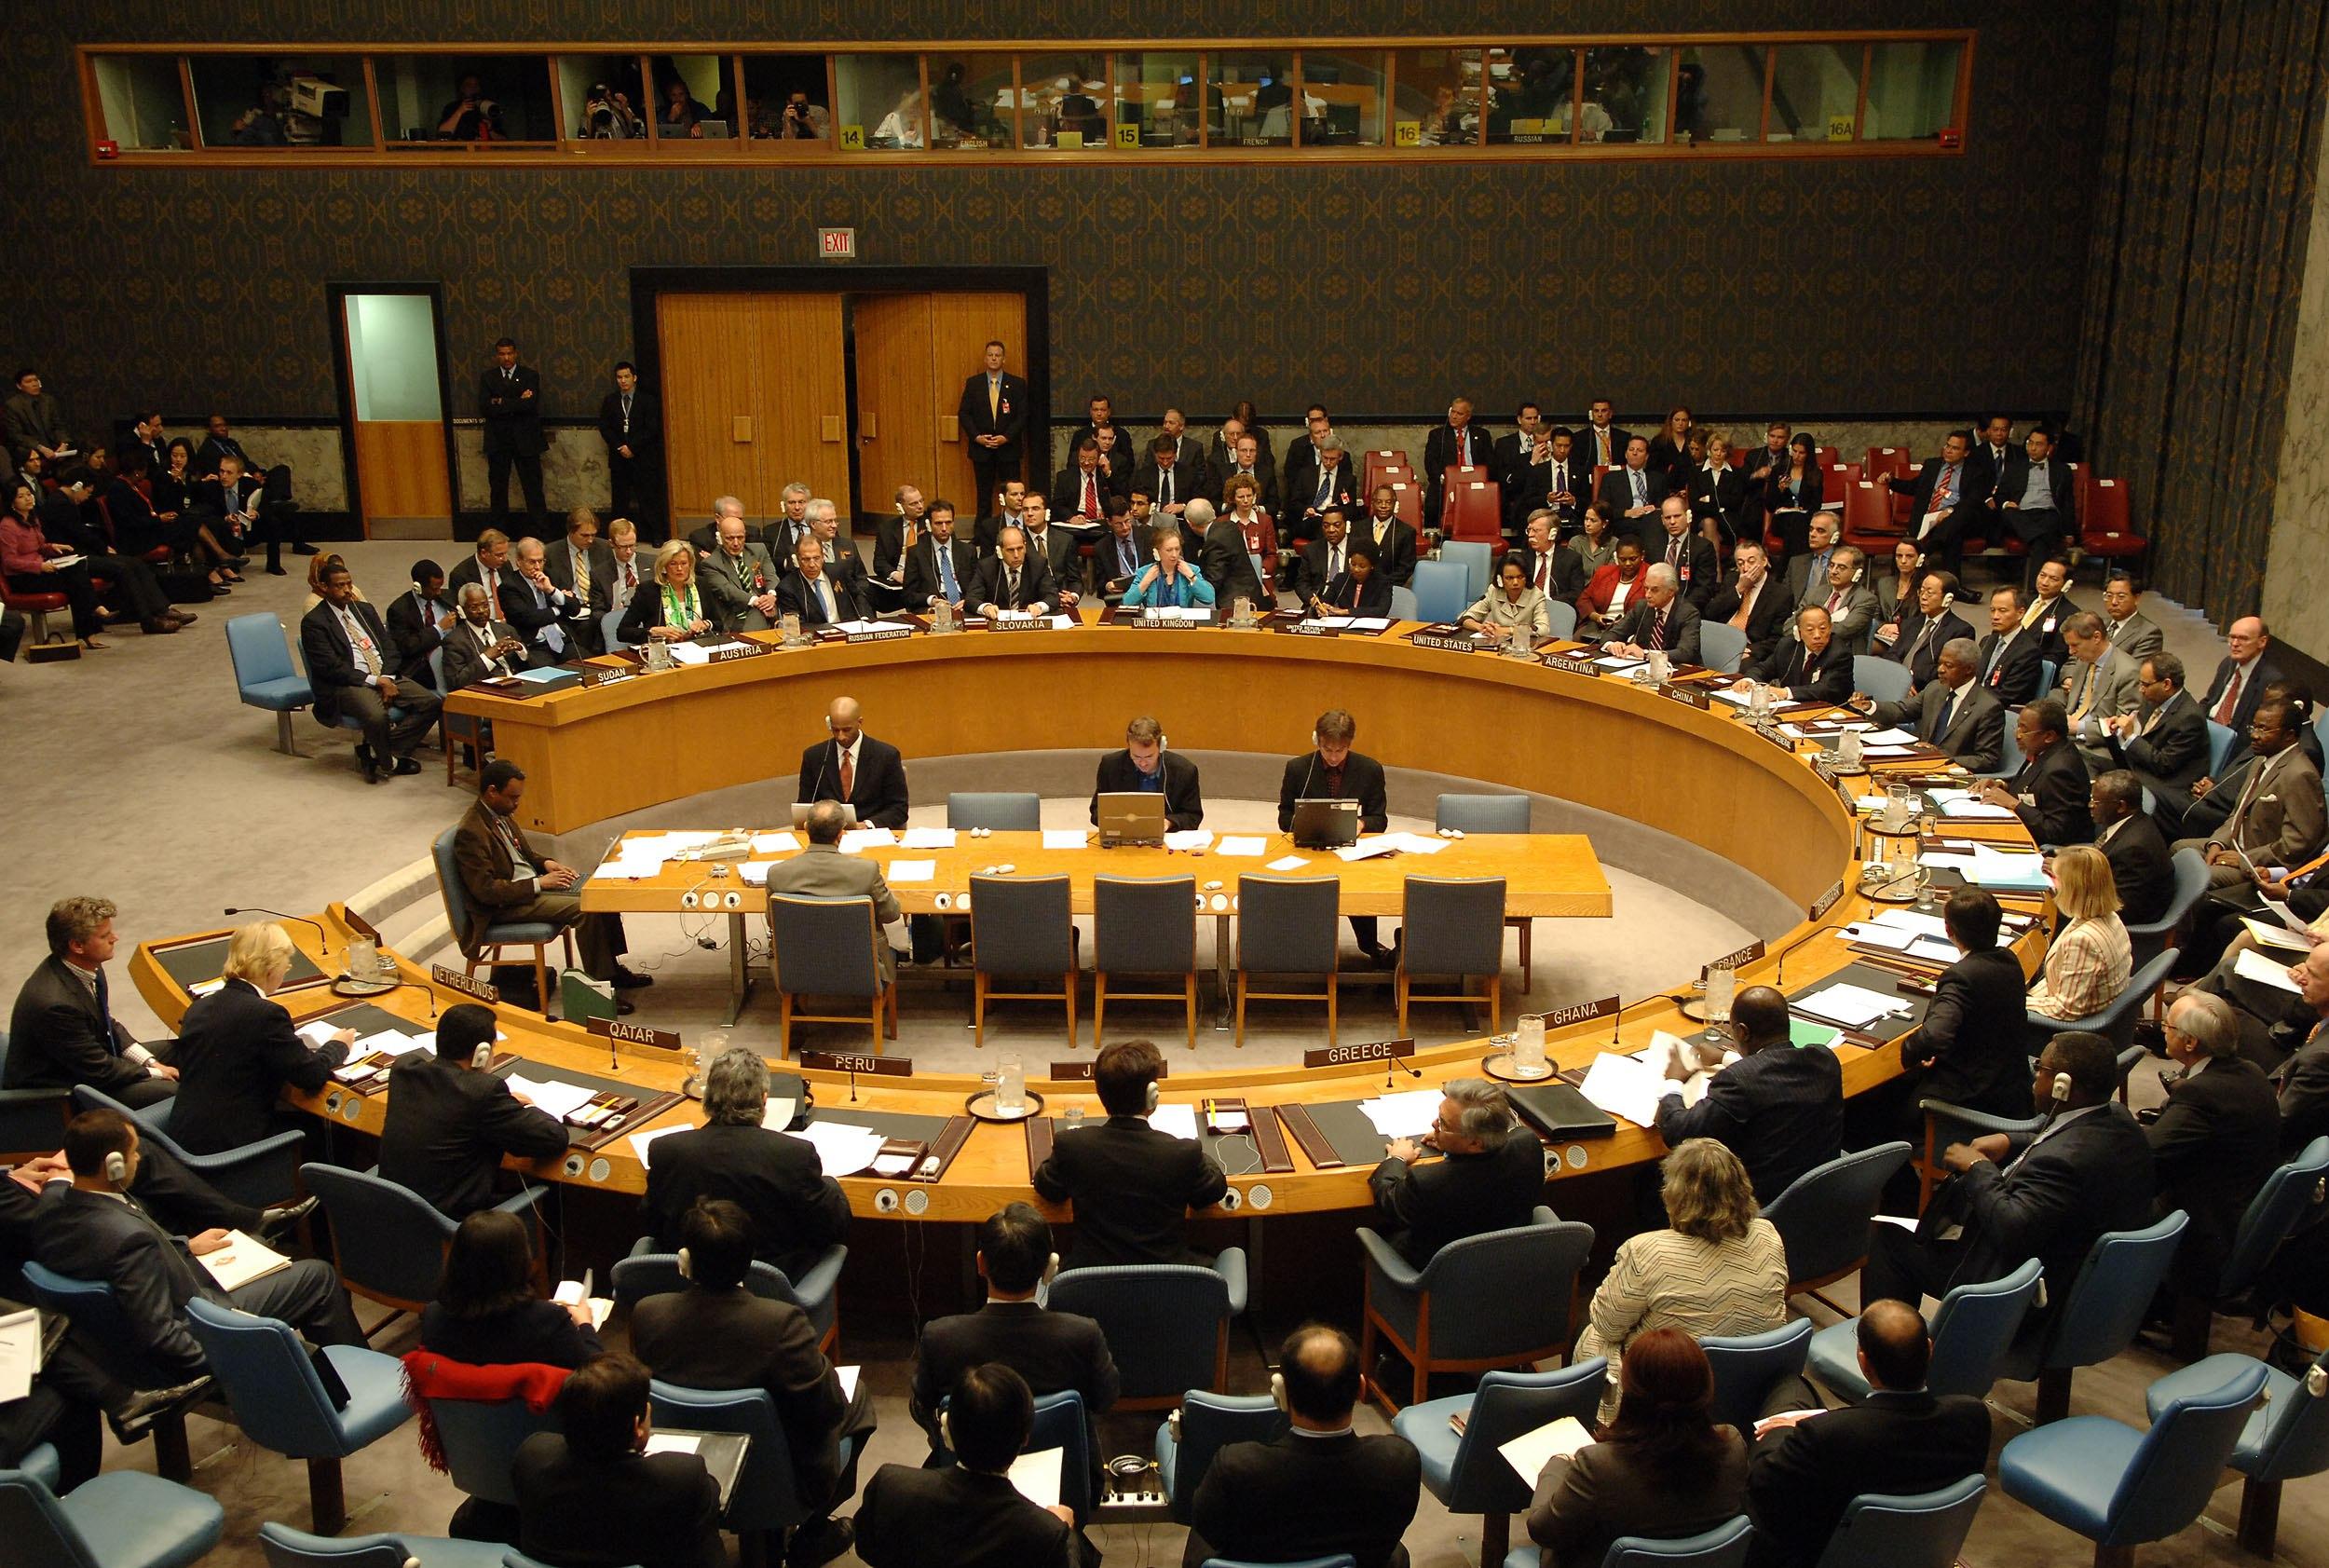 توقع دبلوماسيون أن يعود مجلس الأمن إلى مناقشة الخطة وكيفية دعمها في جلسة لاحقة لم يحدد موعدها بعد